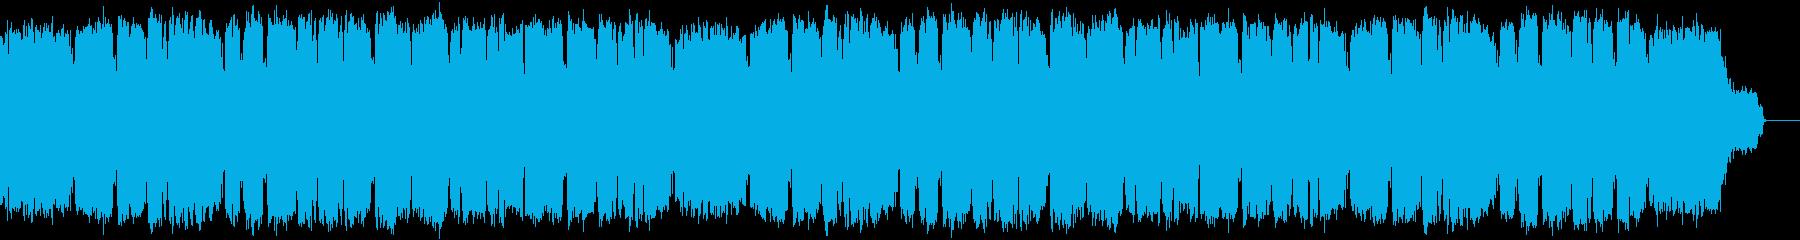 サックスがまったりした朝を奏でる昭和歌謡の再生済みの波形